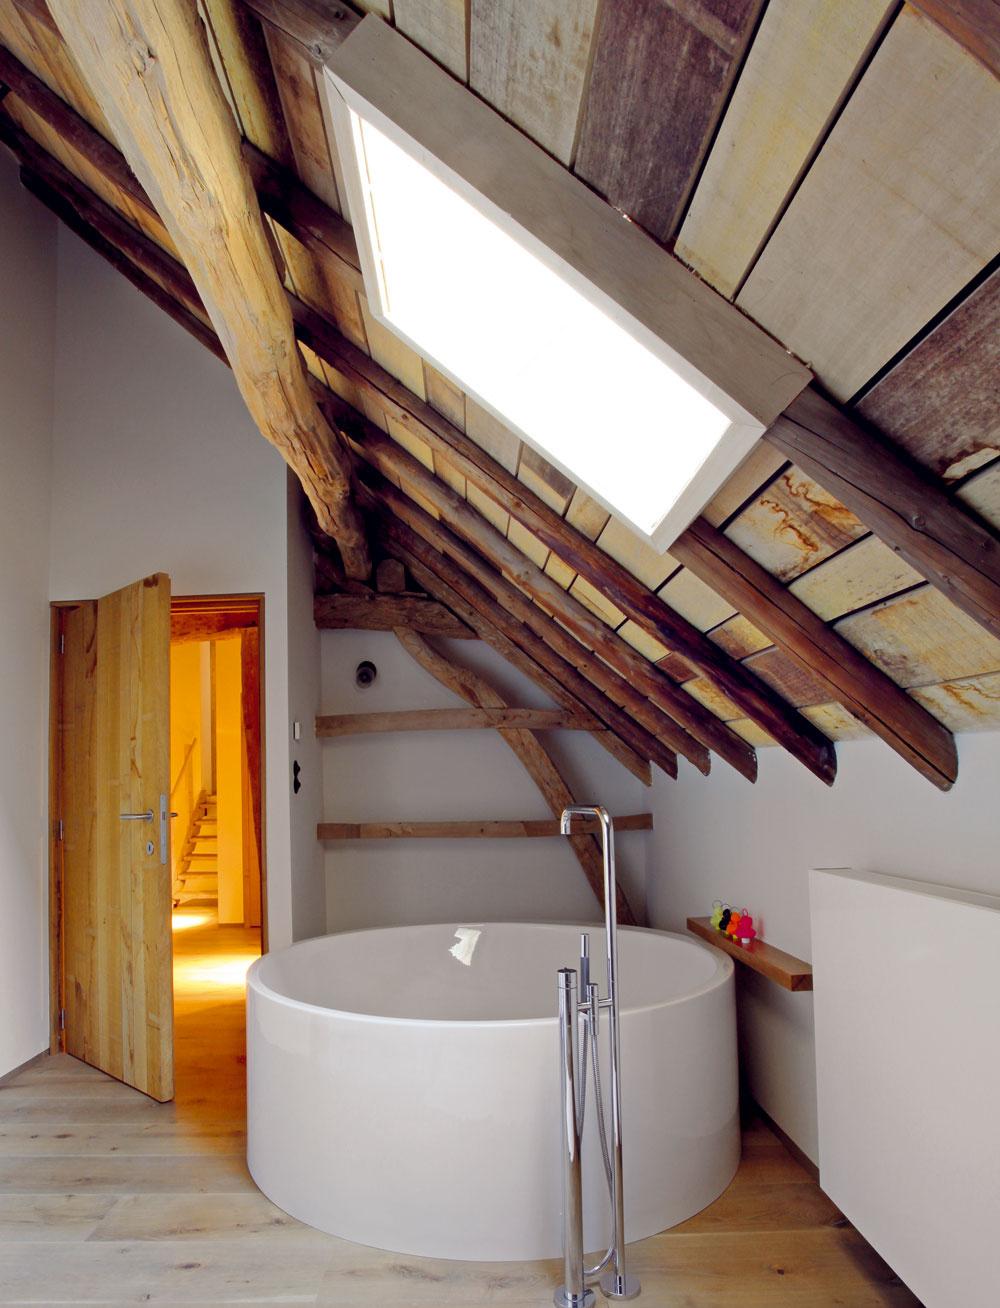 Veľkorysá kúpeľňa je vybavená vaňou, ktorá tvarom pripomína kaďu, atmosféru vidieka potvrdzuje aj odkryté drevo nahrubo opracovaného krovu.